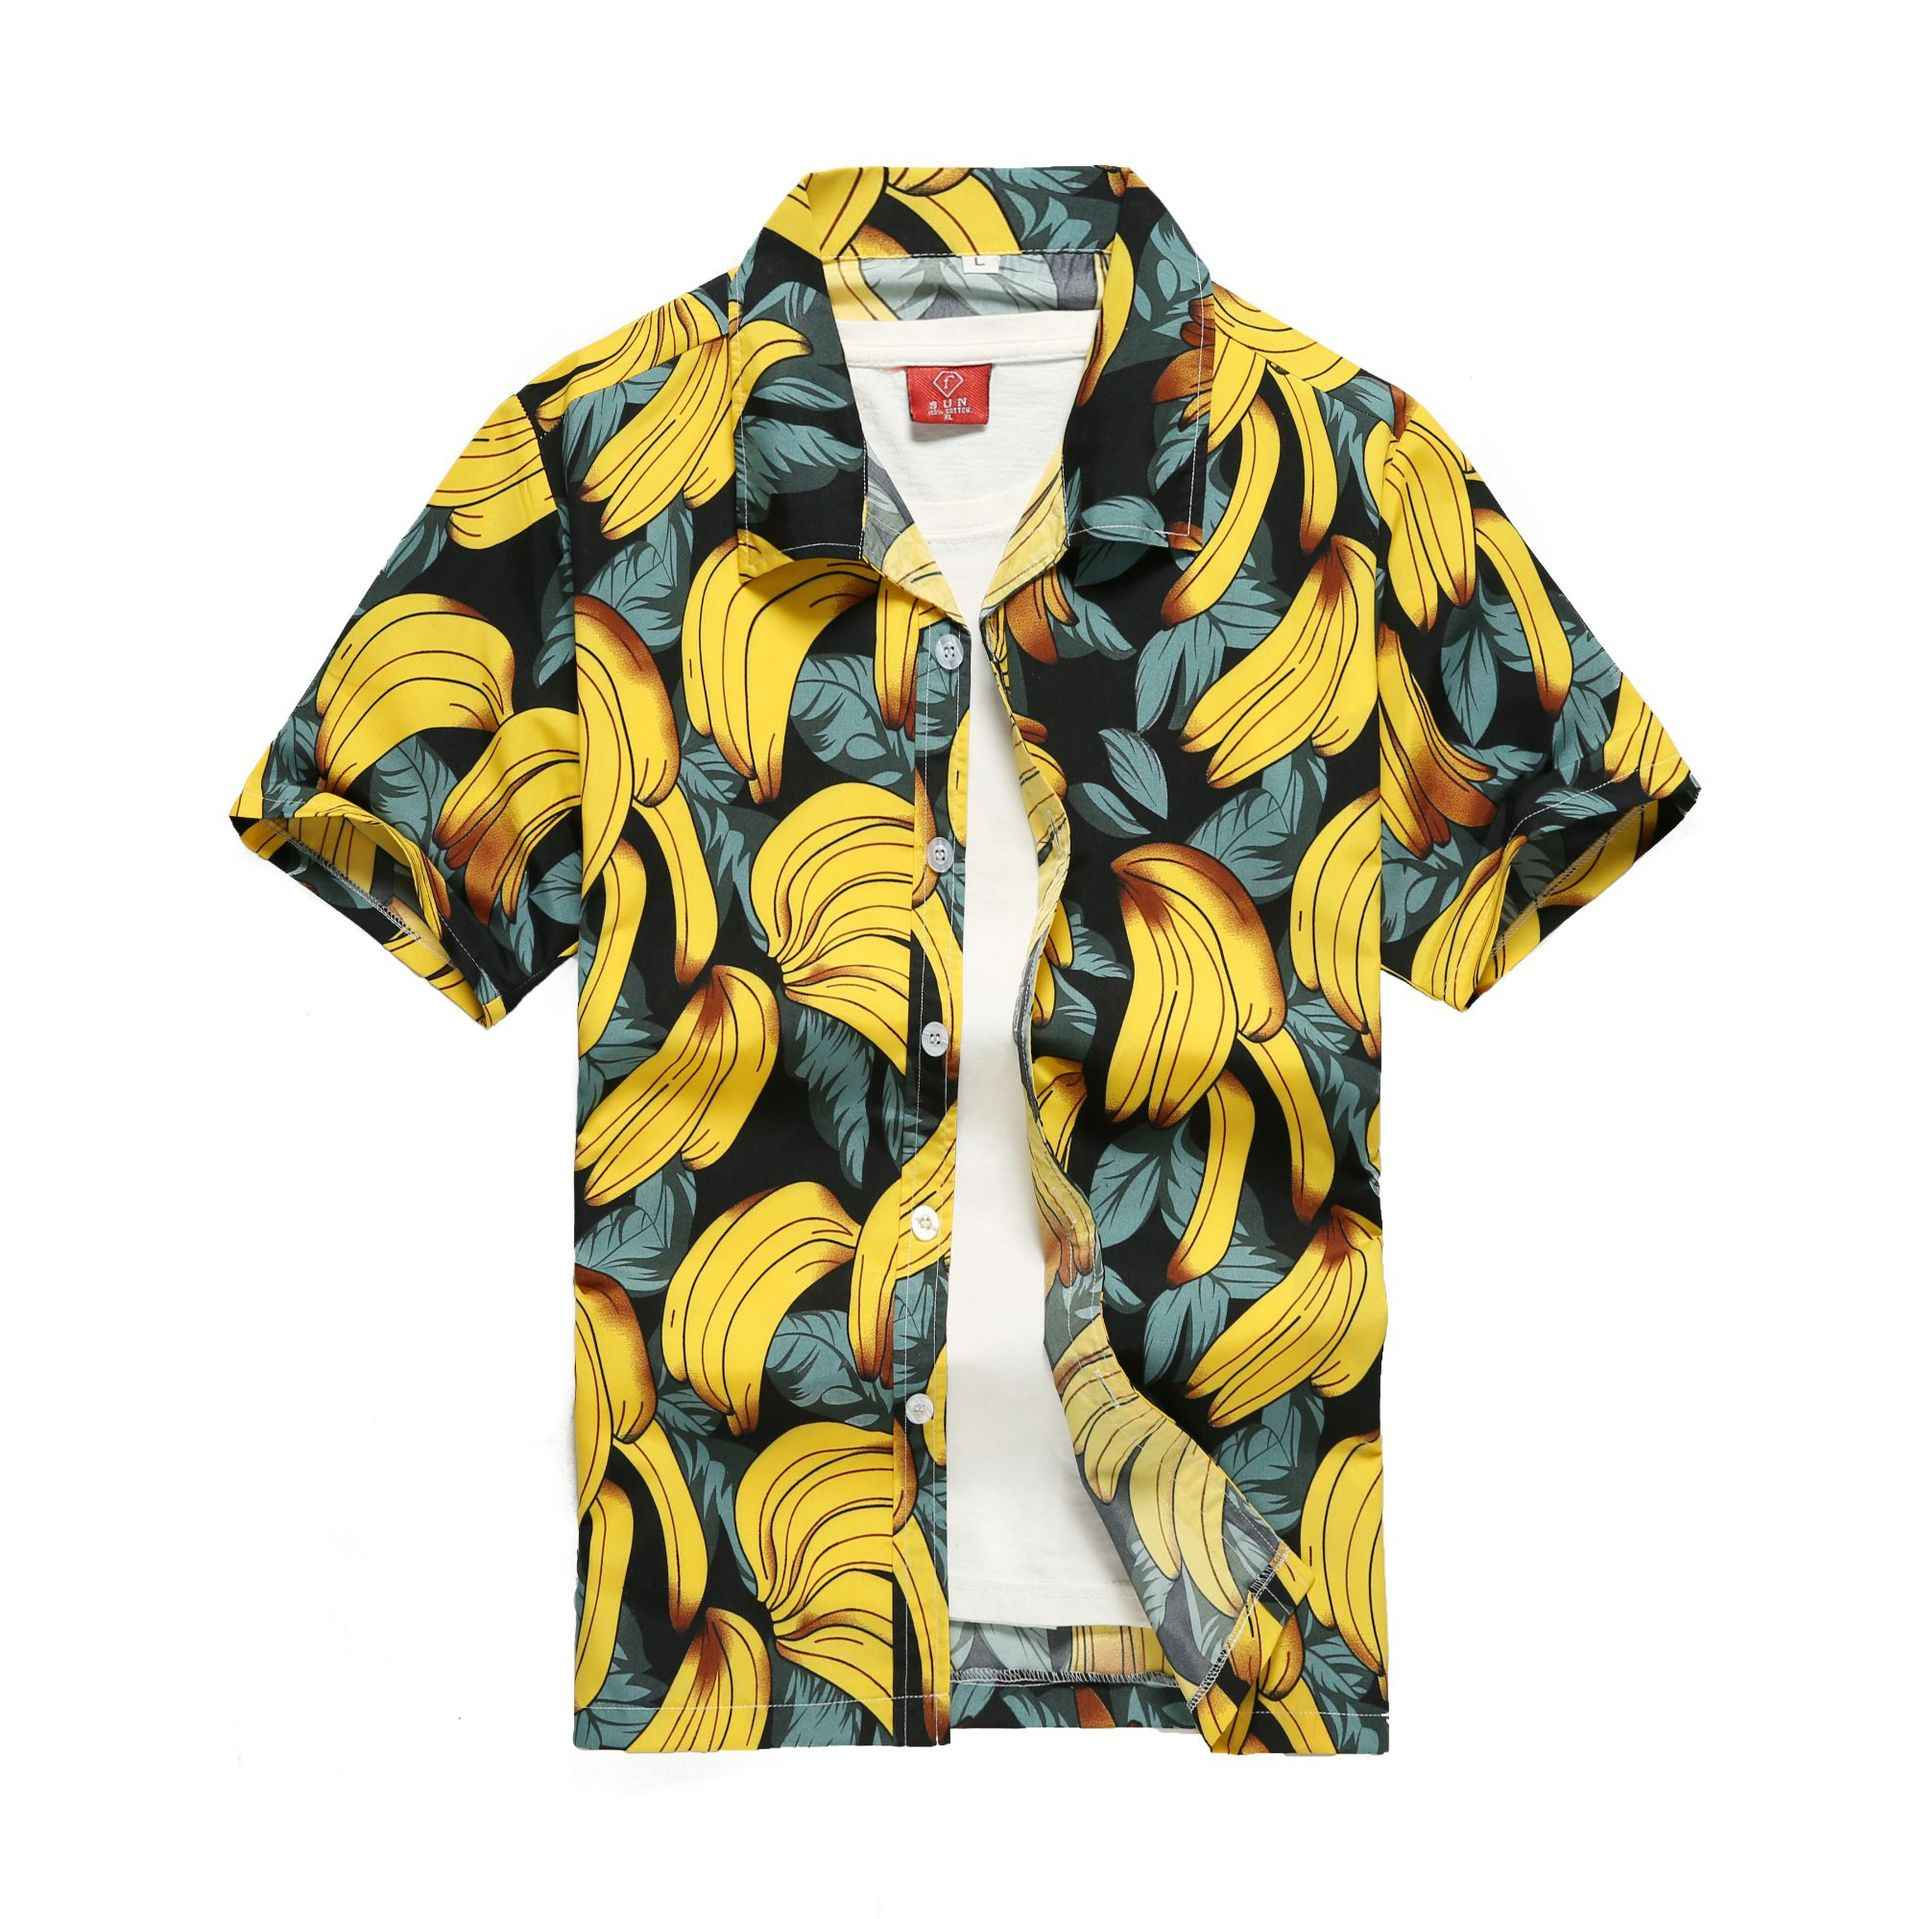 Men Short Sleeve Funny Printed Top Casual Hawaiian Shirt Loose Beach Holiday Tee